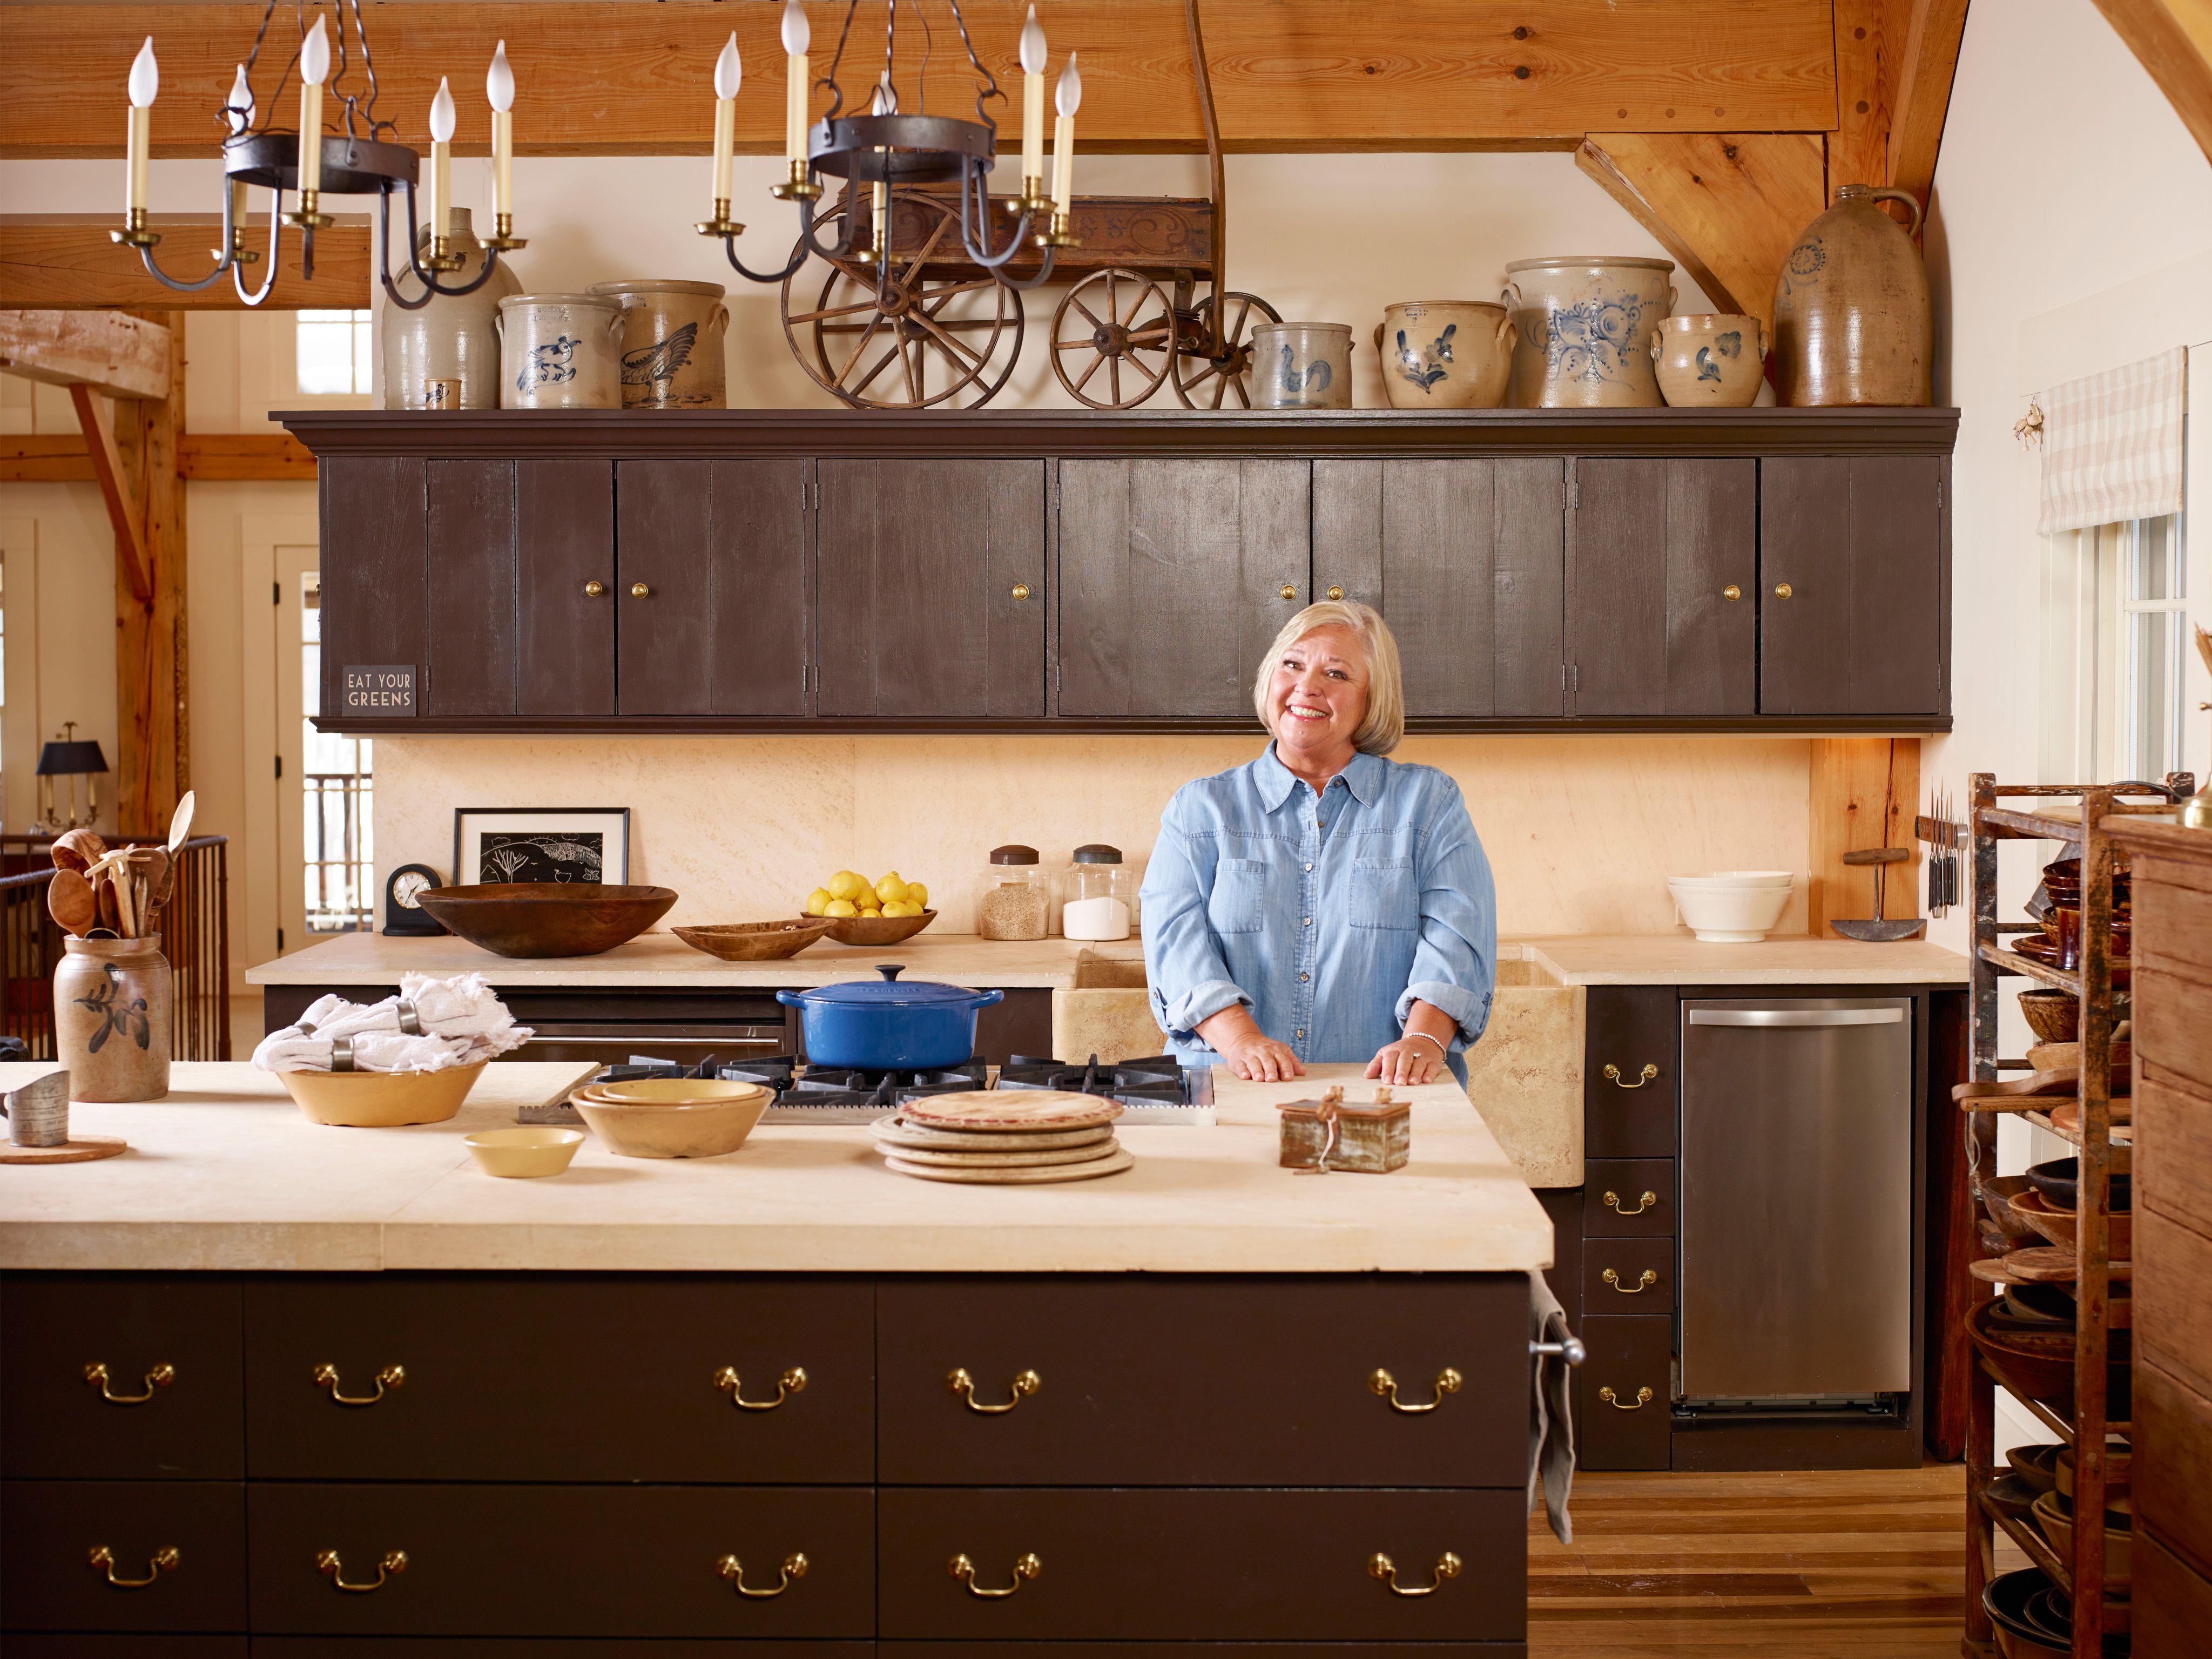 Star Kitchen: Nancy Fuller | Nancy fuller, Farmhouse rules and ...